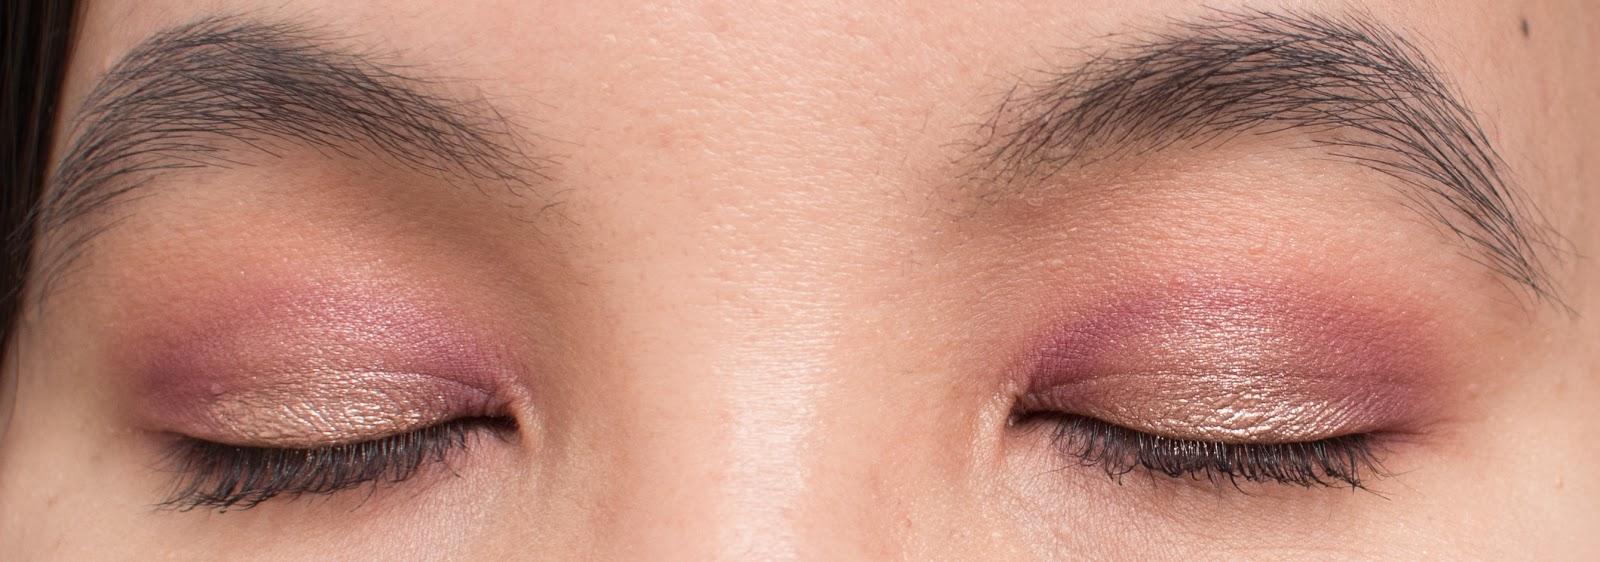 Warm Berries Makeup Look Closed Eye